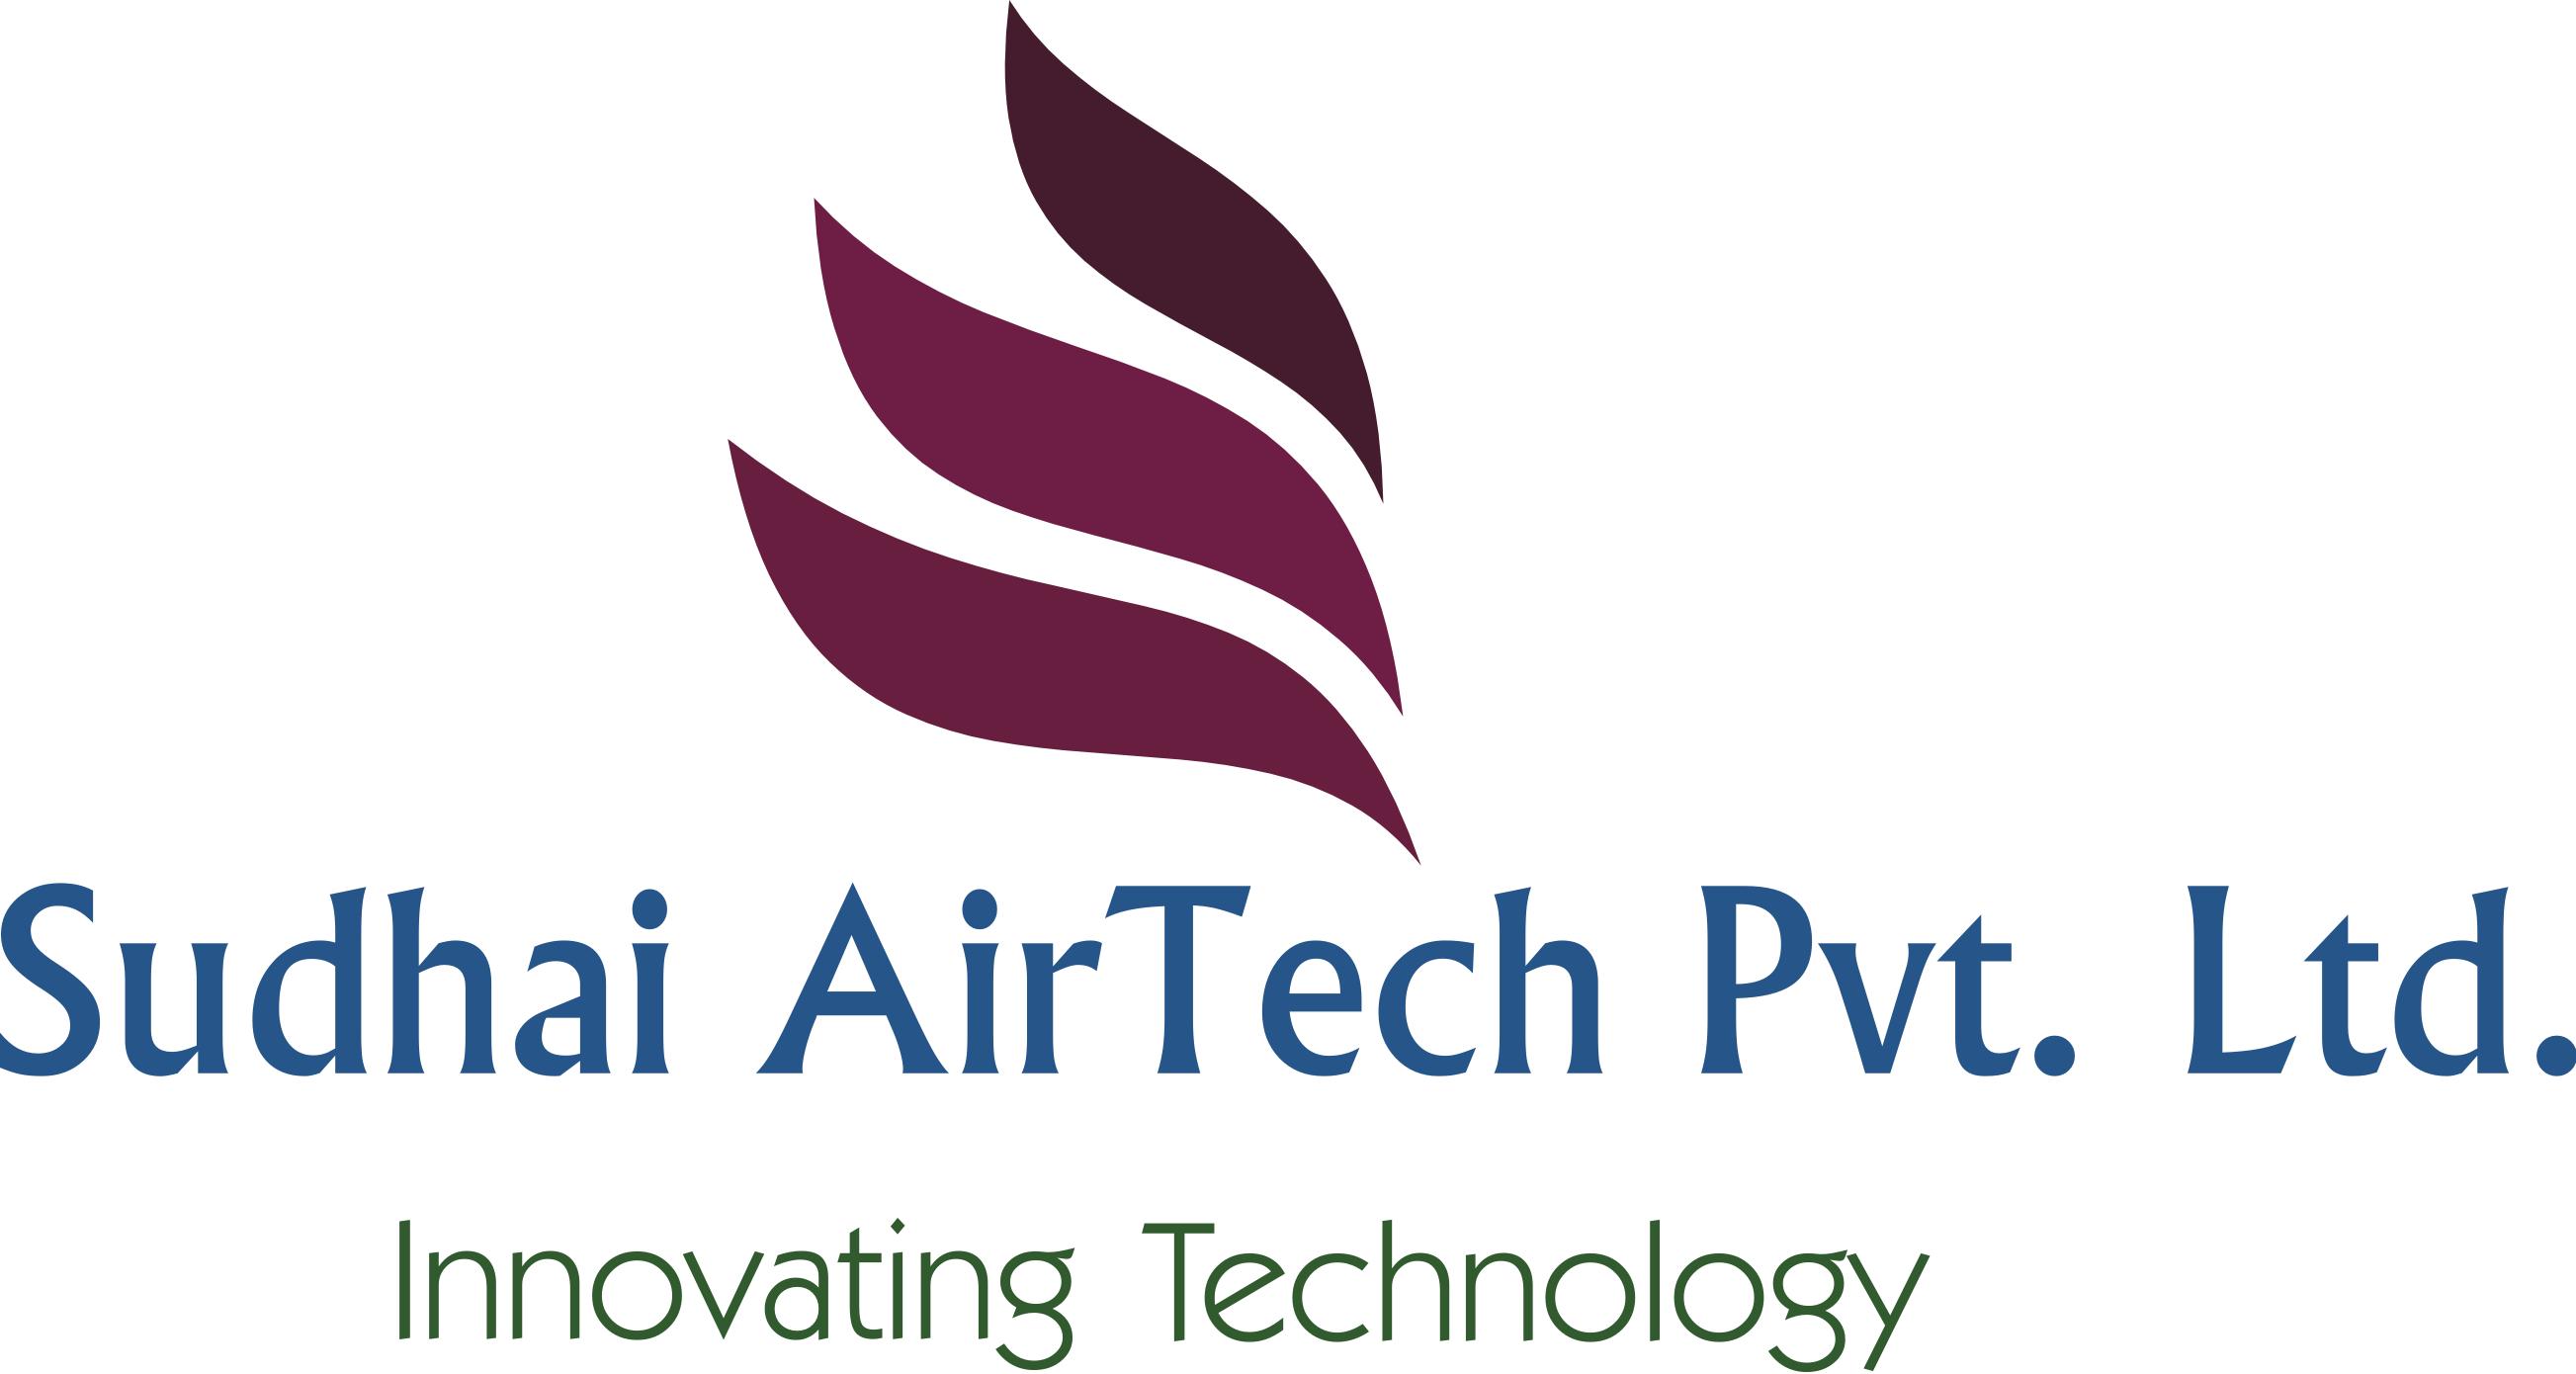 Sudhai Airtech Pvt., Ltd.